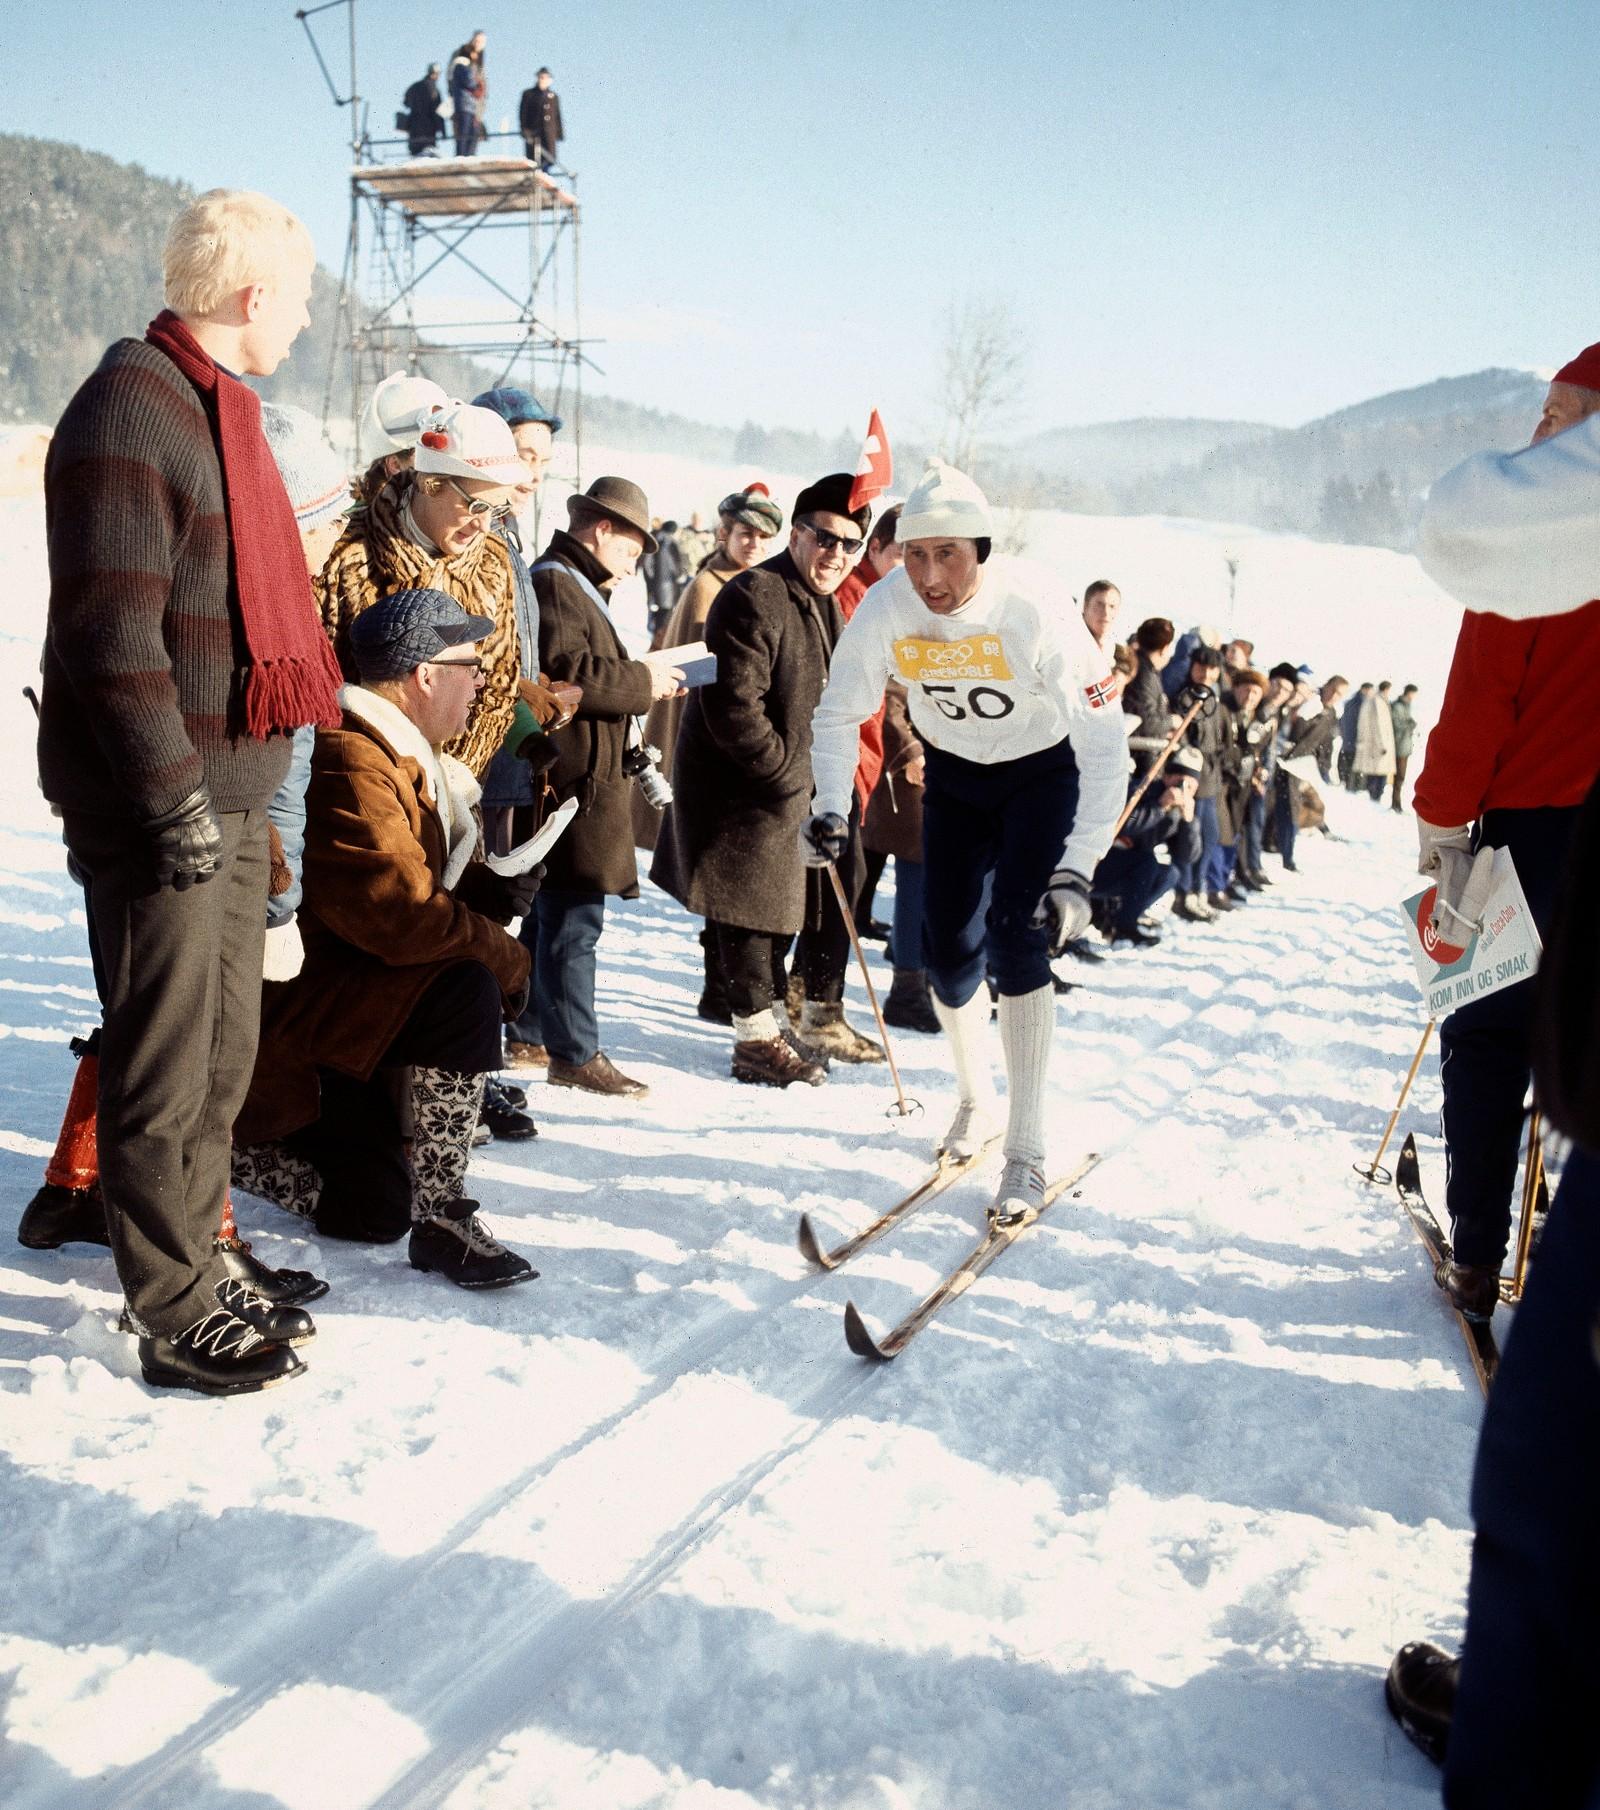 Harald Grønningen i aksjon under de Olympiske vinterleker i Grenoble. Grønningen tok gull på 15 km.  Foto: NTB / Scanpix historiskebilder